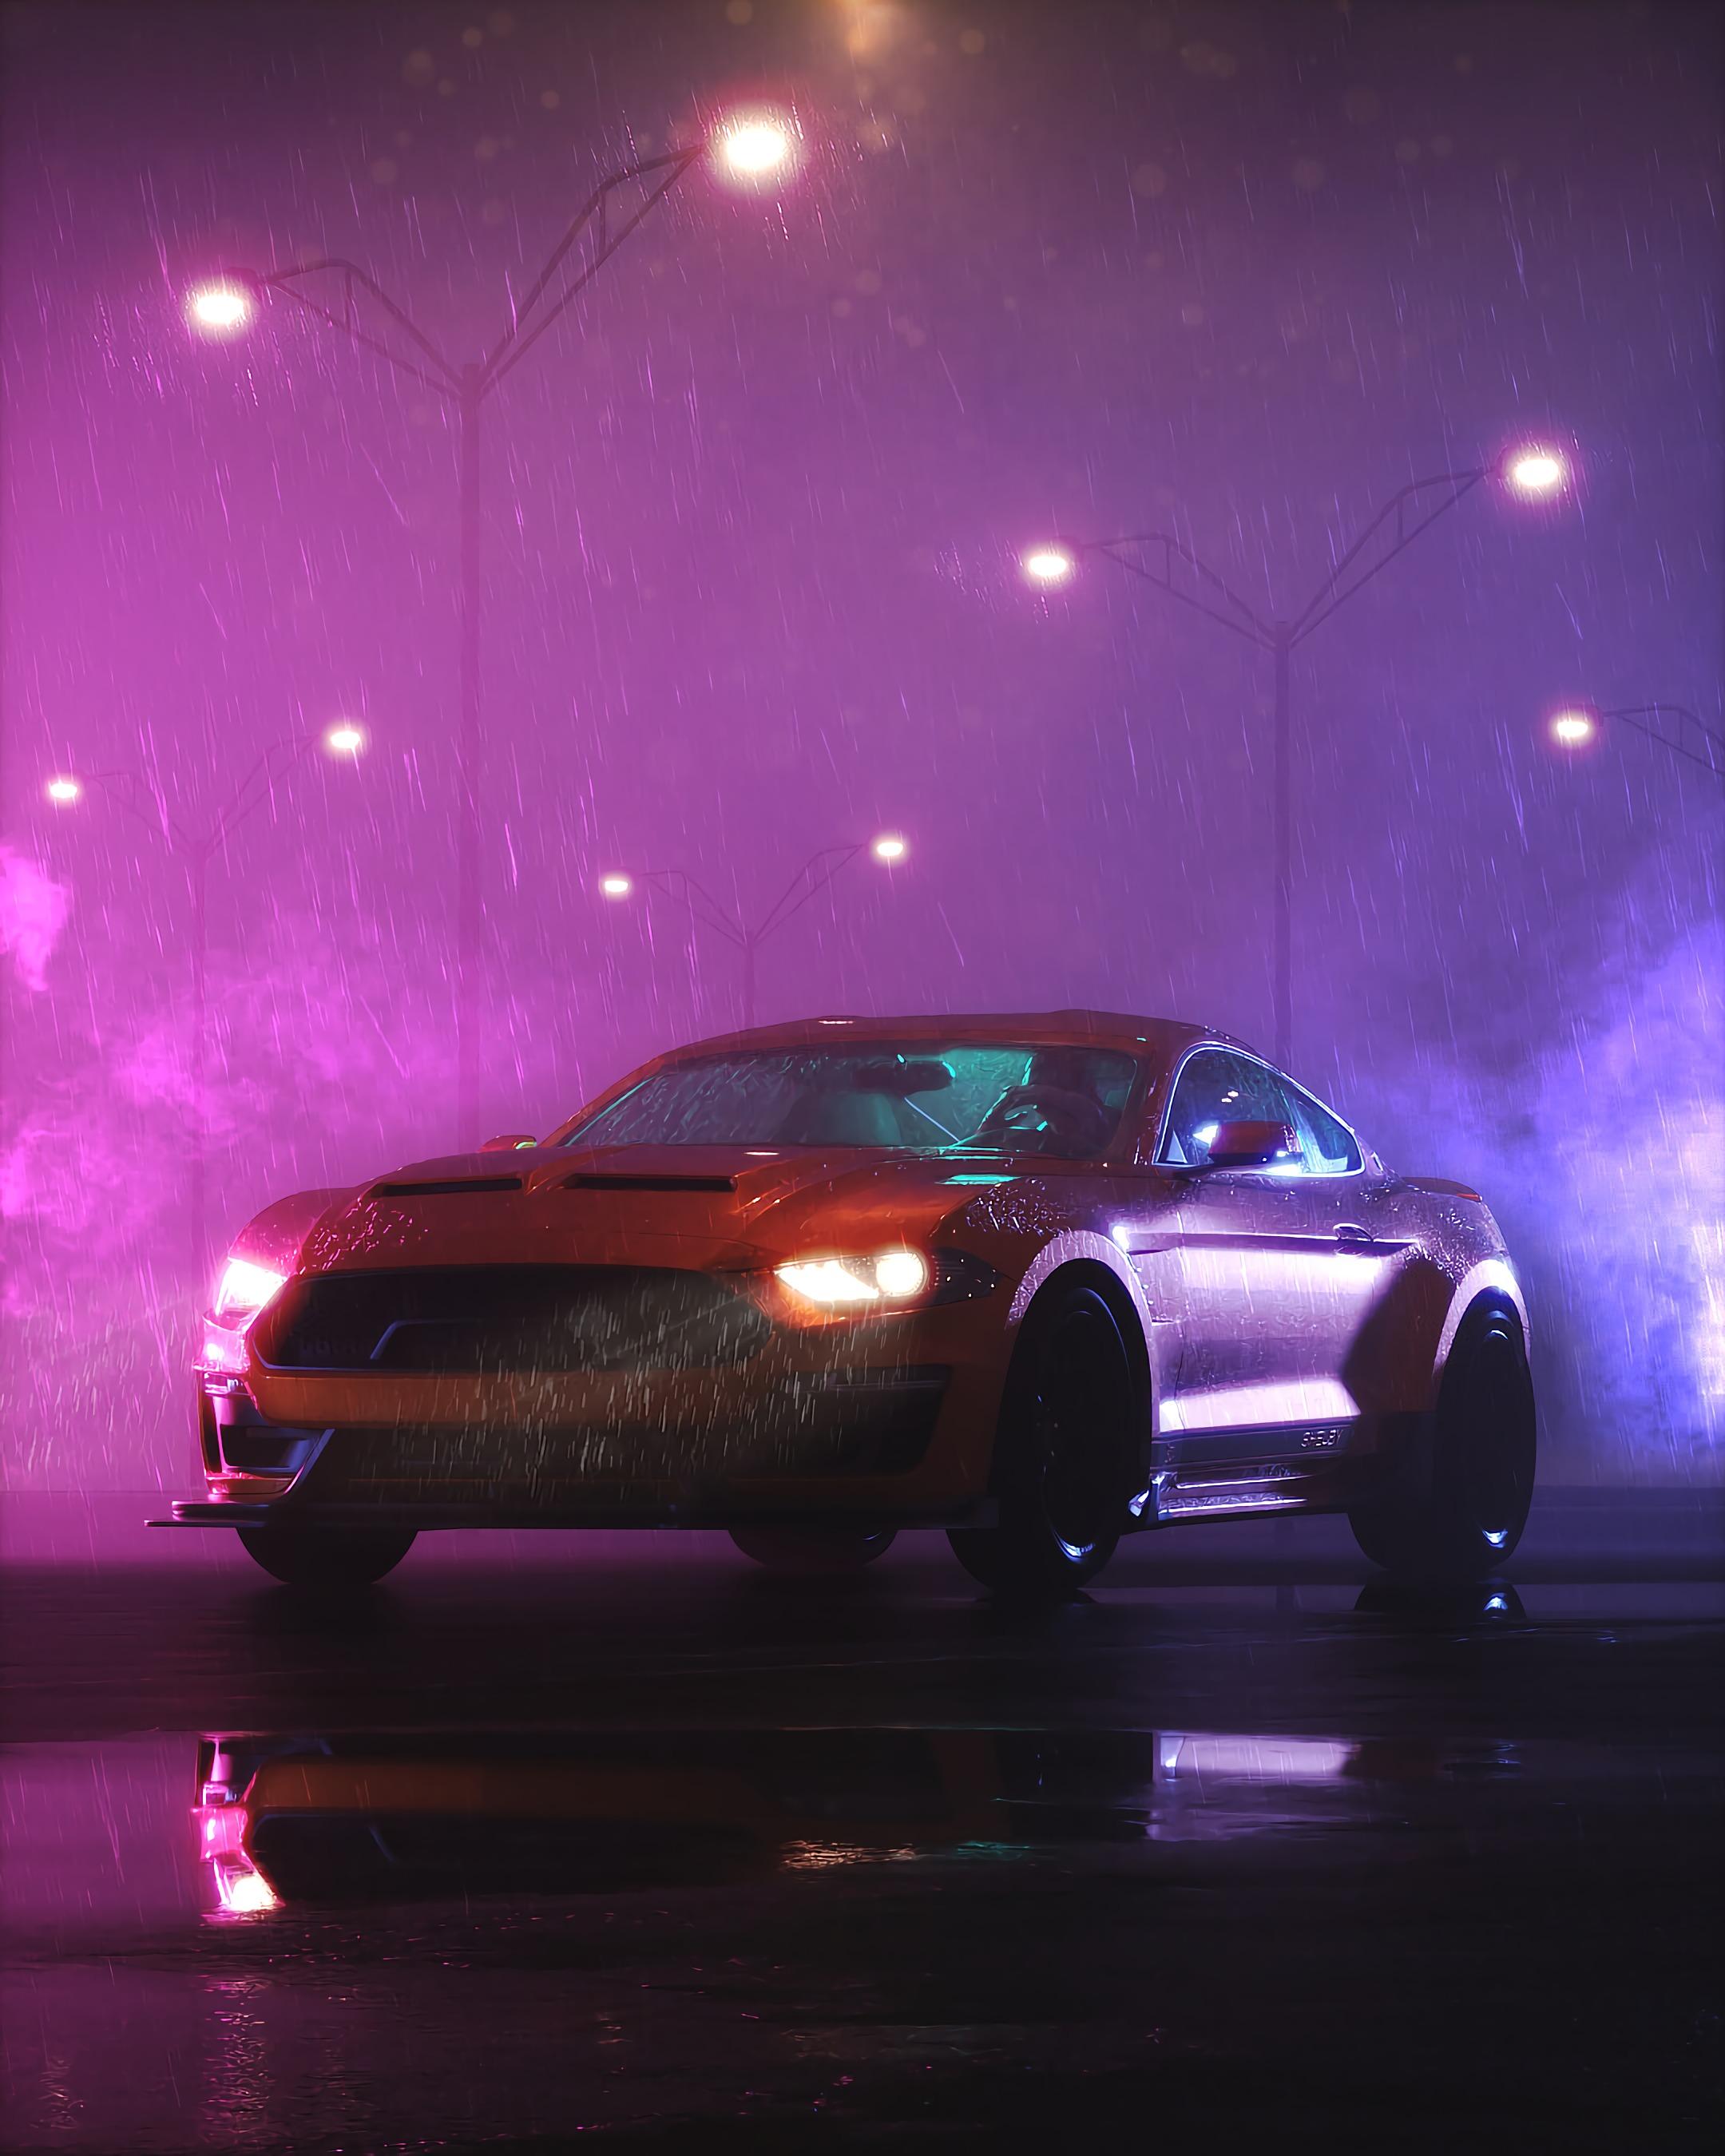 141778 обои 1080x2400 на телефон бесплатно, скачать картинки Тачки (Cars), Дождь, Ночь, Мокрый, Темный, Машина, Спорткар 1080x2400 на мобильный